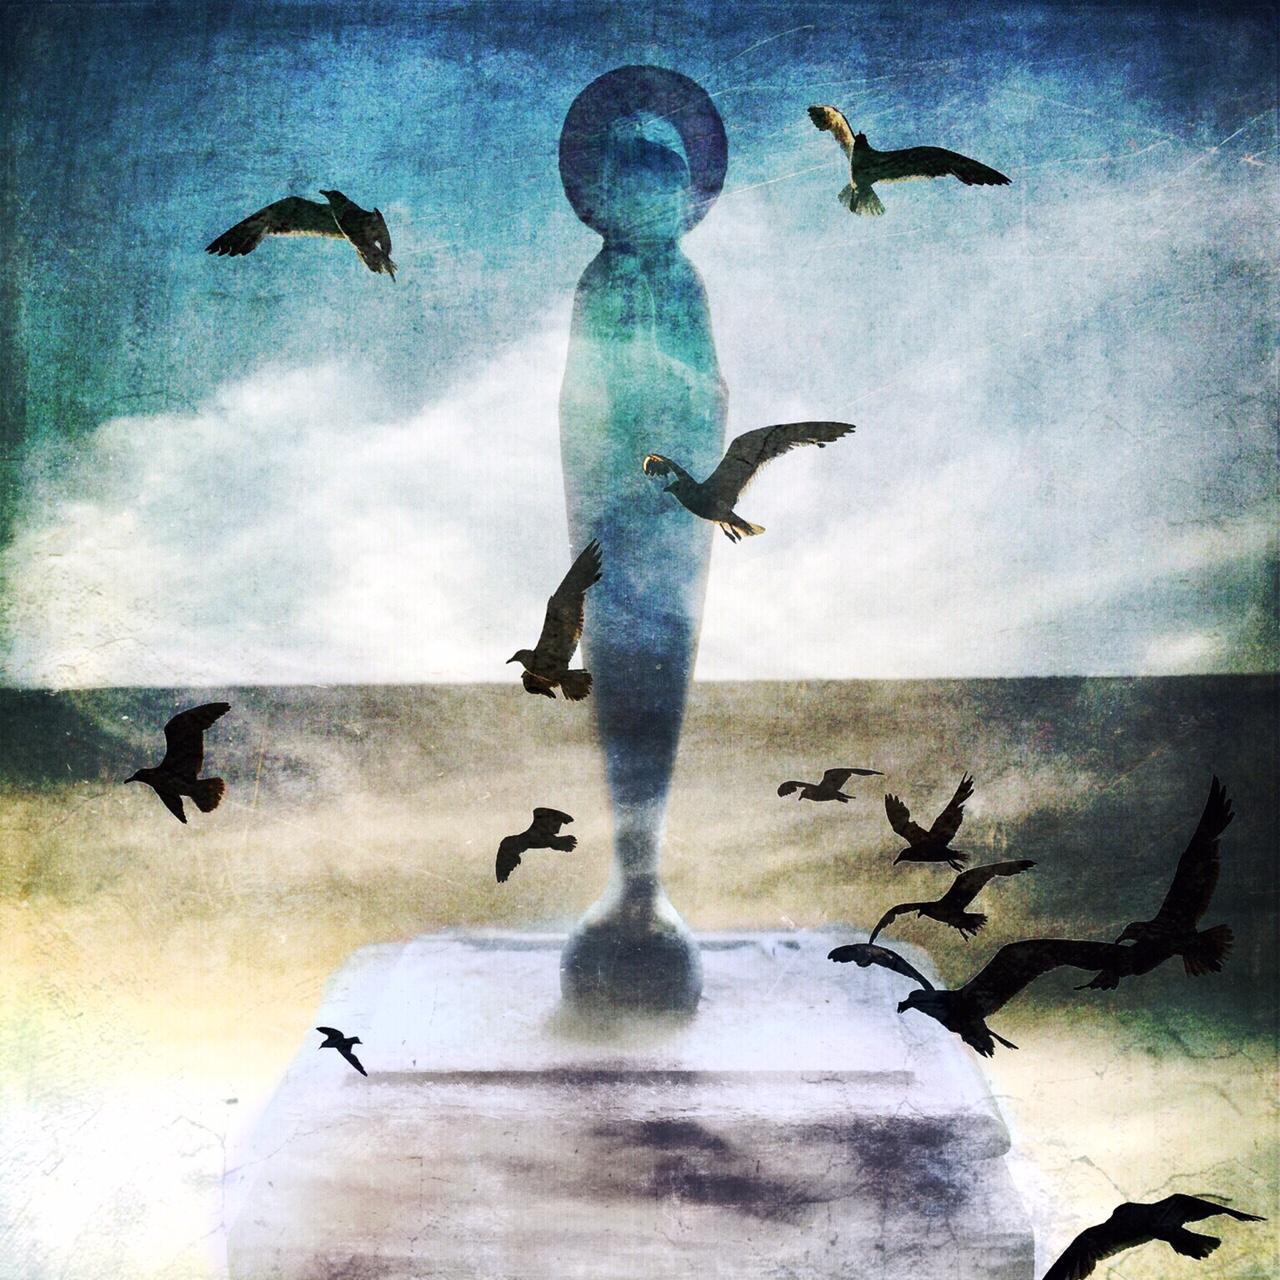 Andrew Lucchesi ~ La Virgen de Galvez